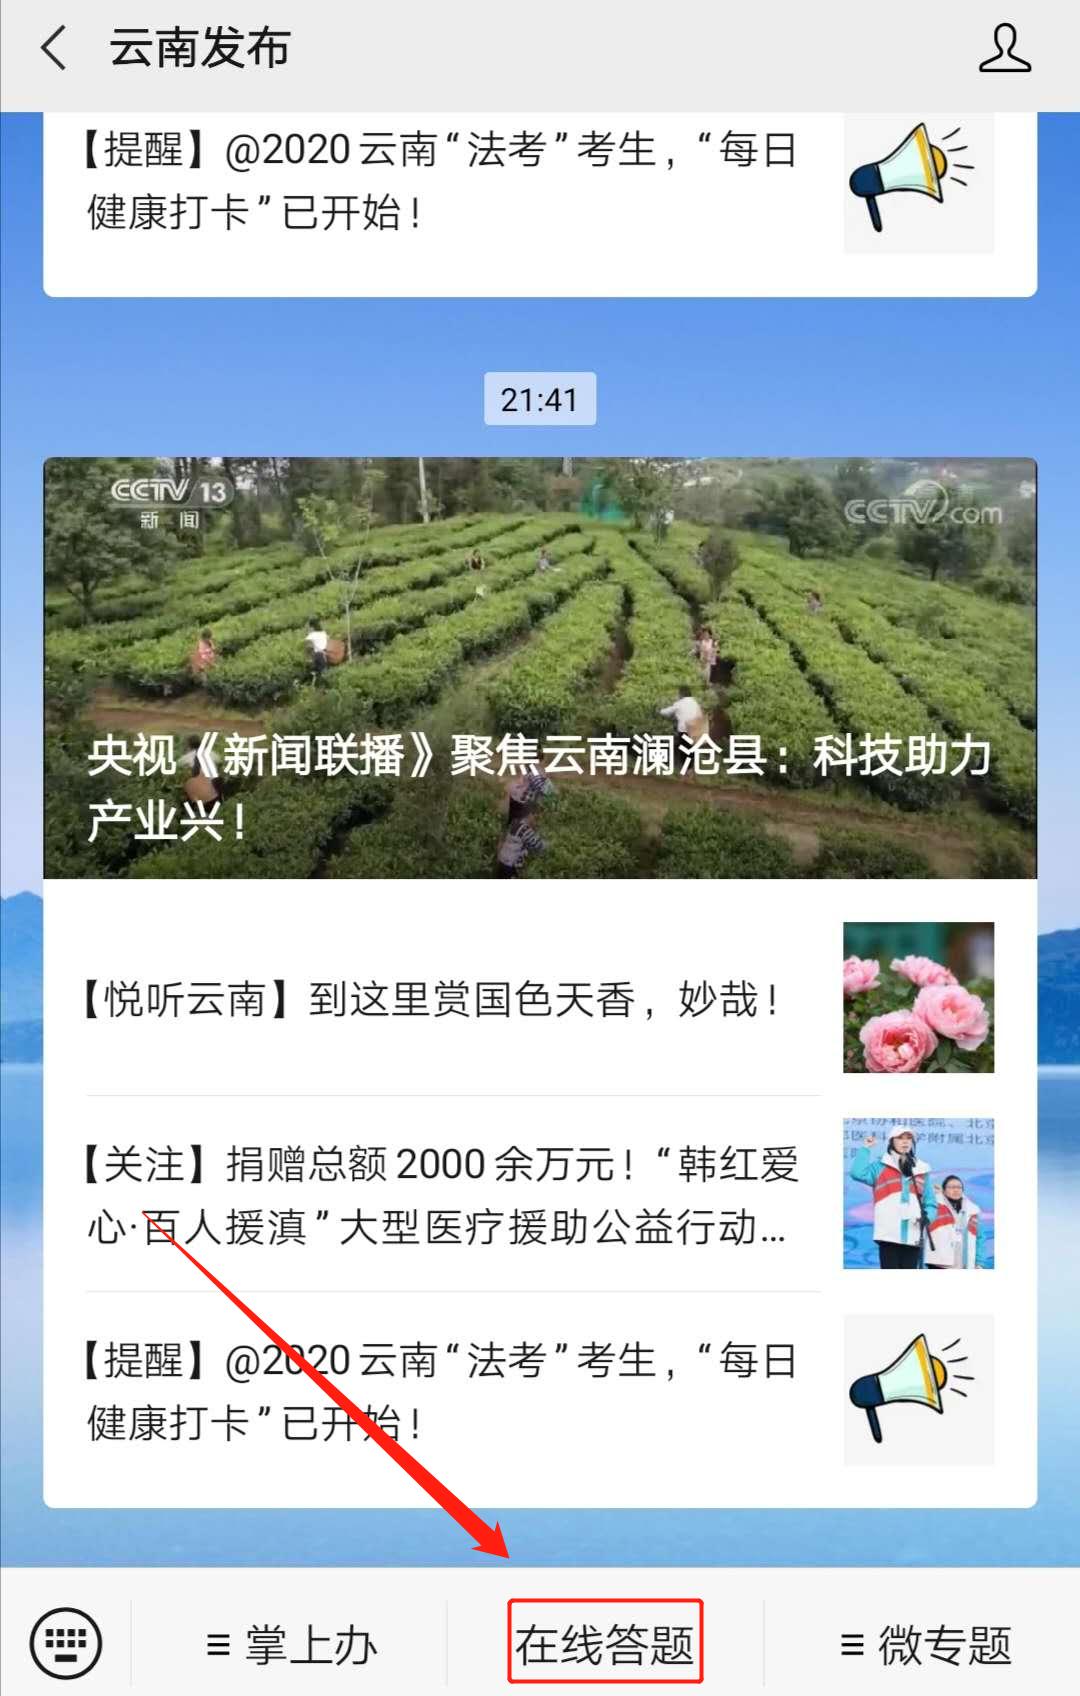 【关注】云南省市场监督管理局@各位学生及家长:教育收费情况如何?图片